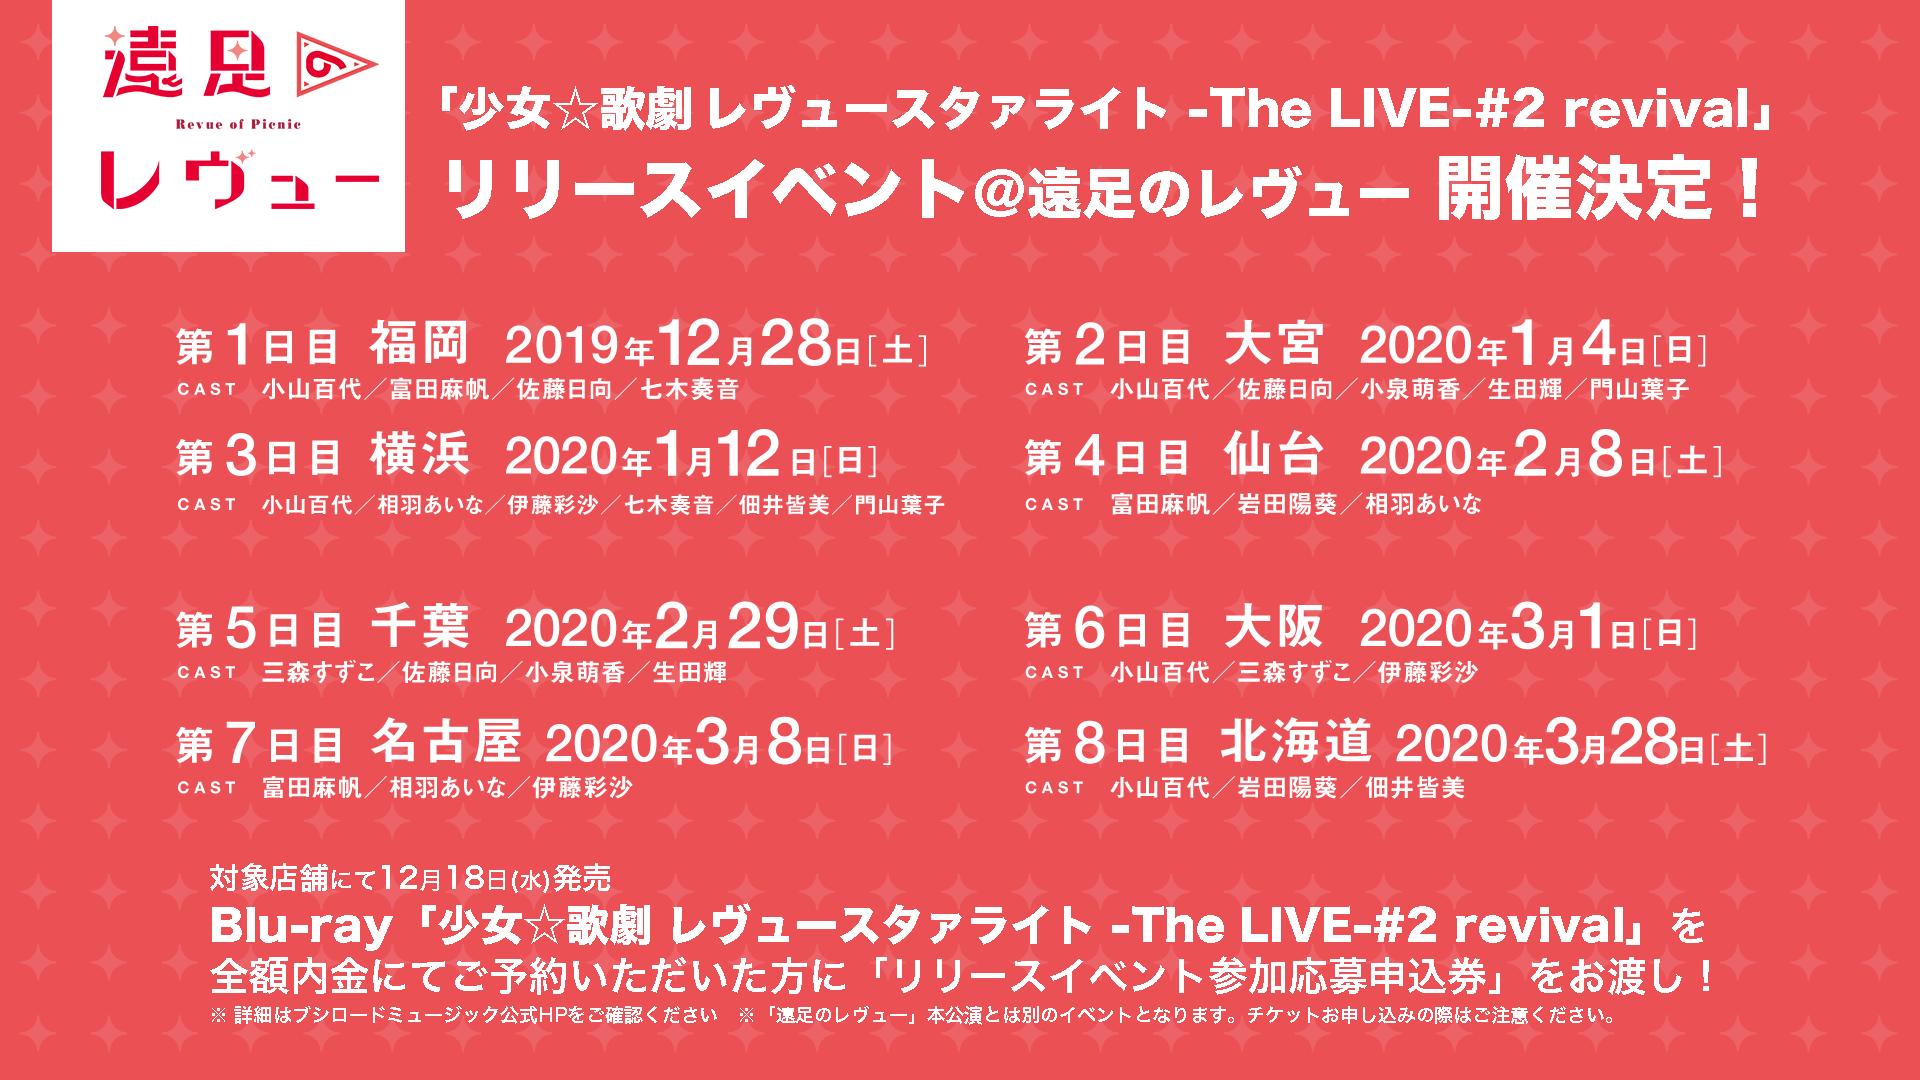 「少女☆歌劇 レヴュースタァライト -The LIVE-#2 revival」 リリースイベント@遠足のレヴュー 開催決定!